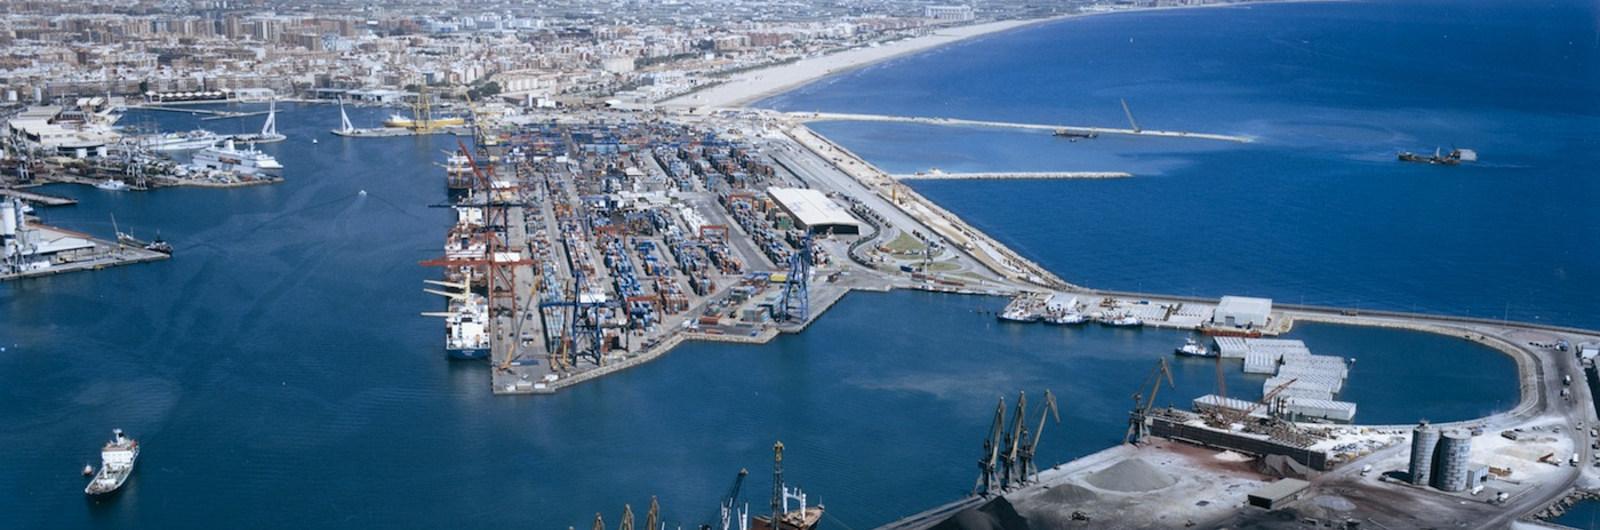 puerto1540